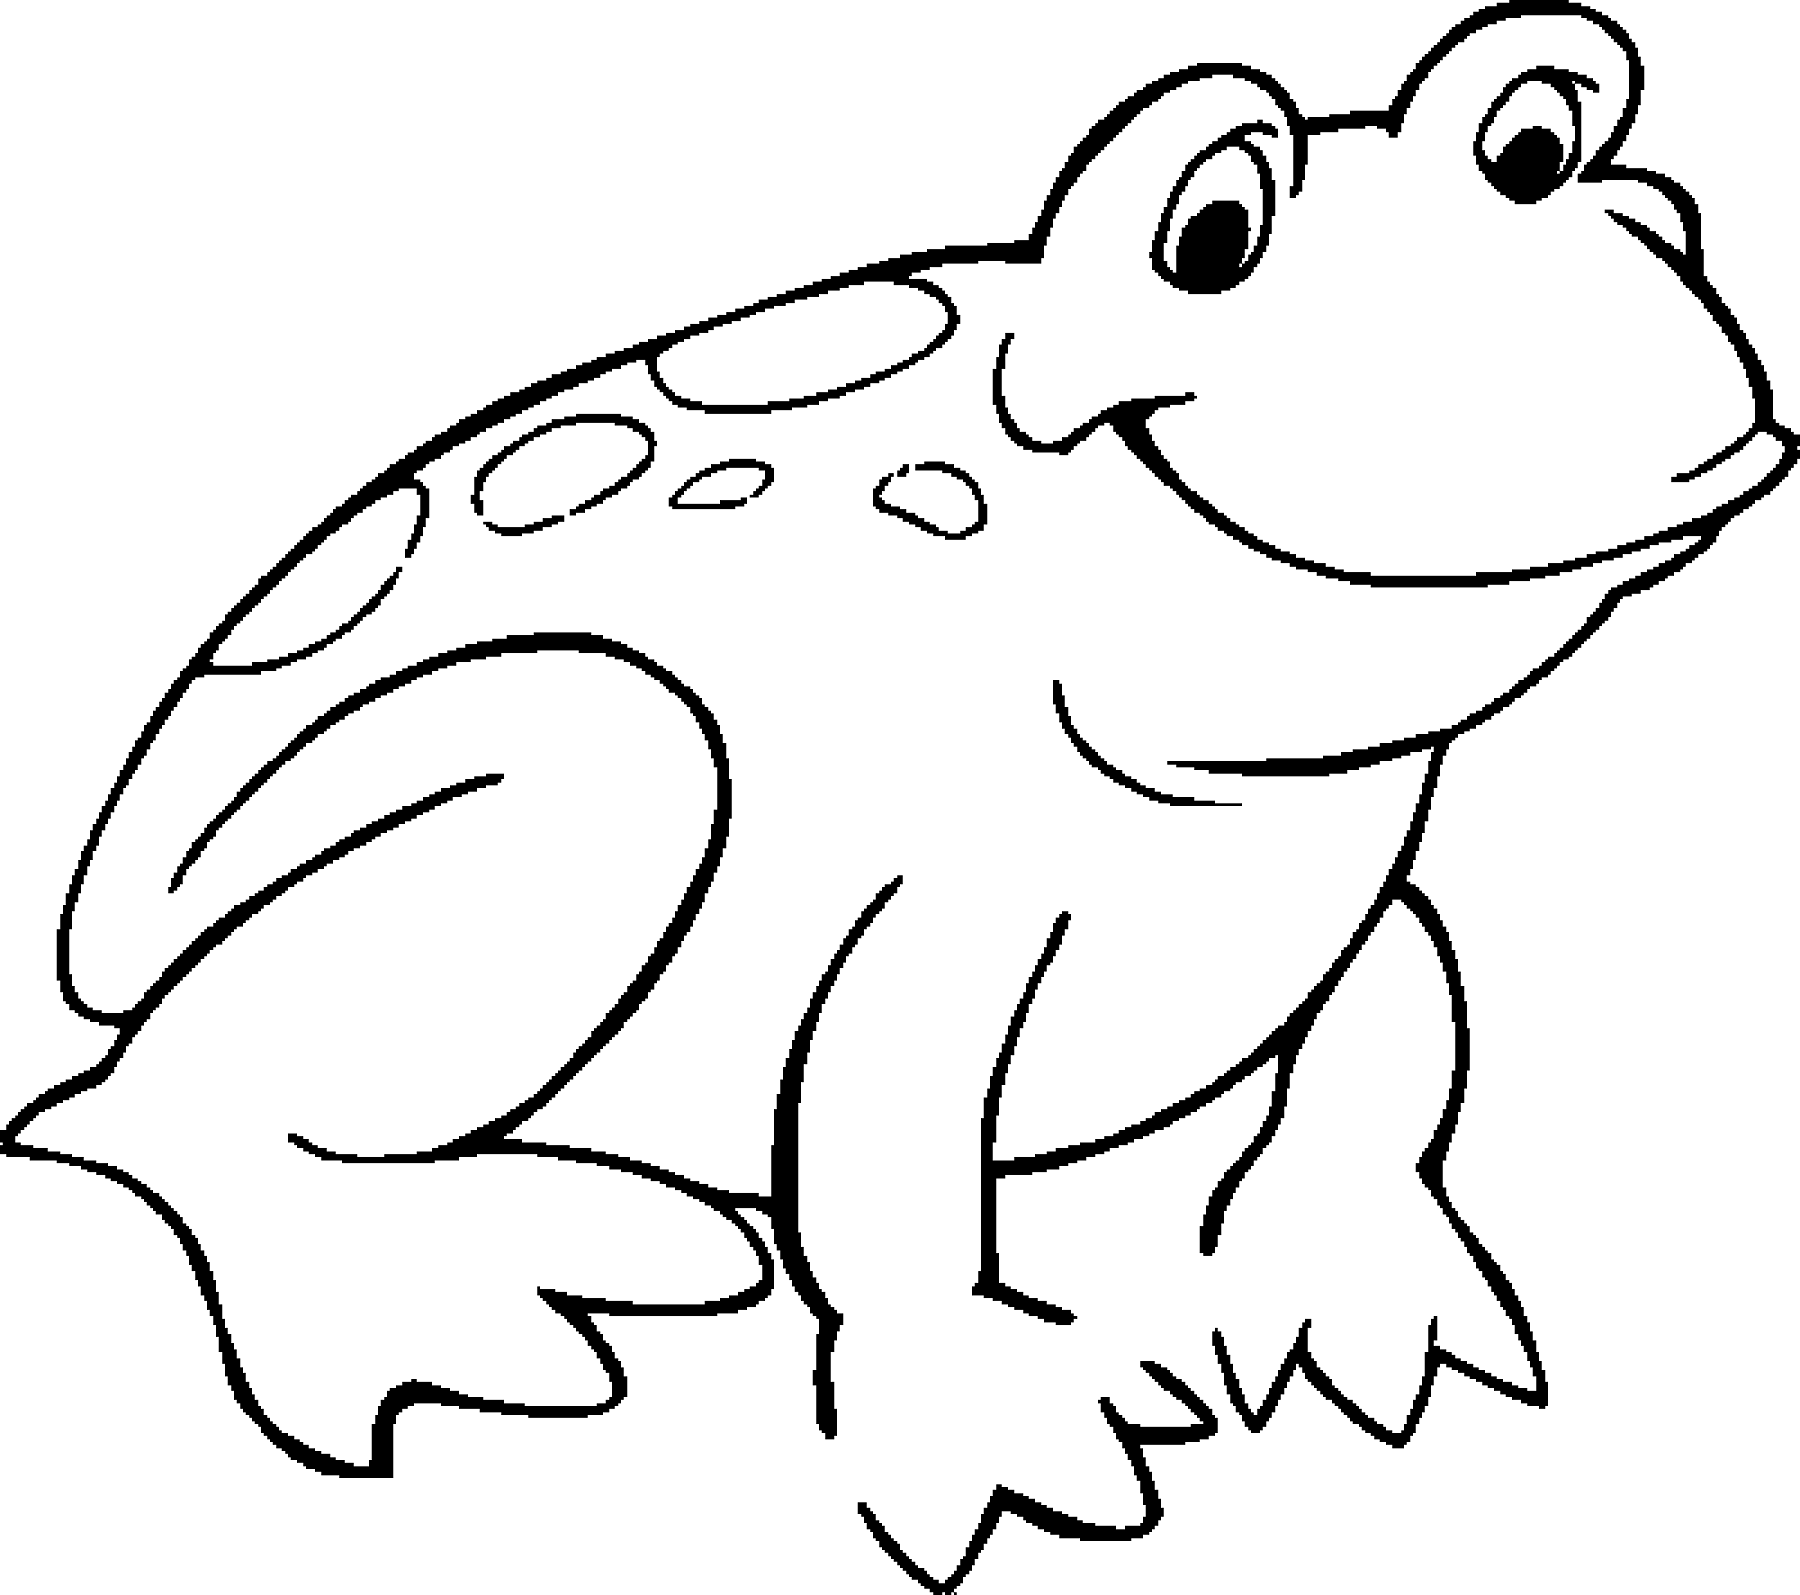 Frog Color Sheet for Kids | Kiddo Shelter - Black And White Frog PNG